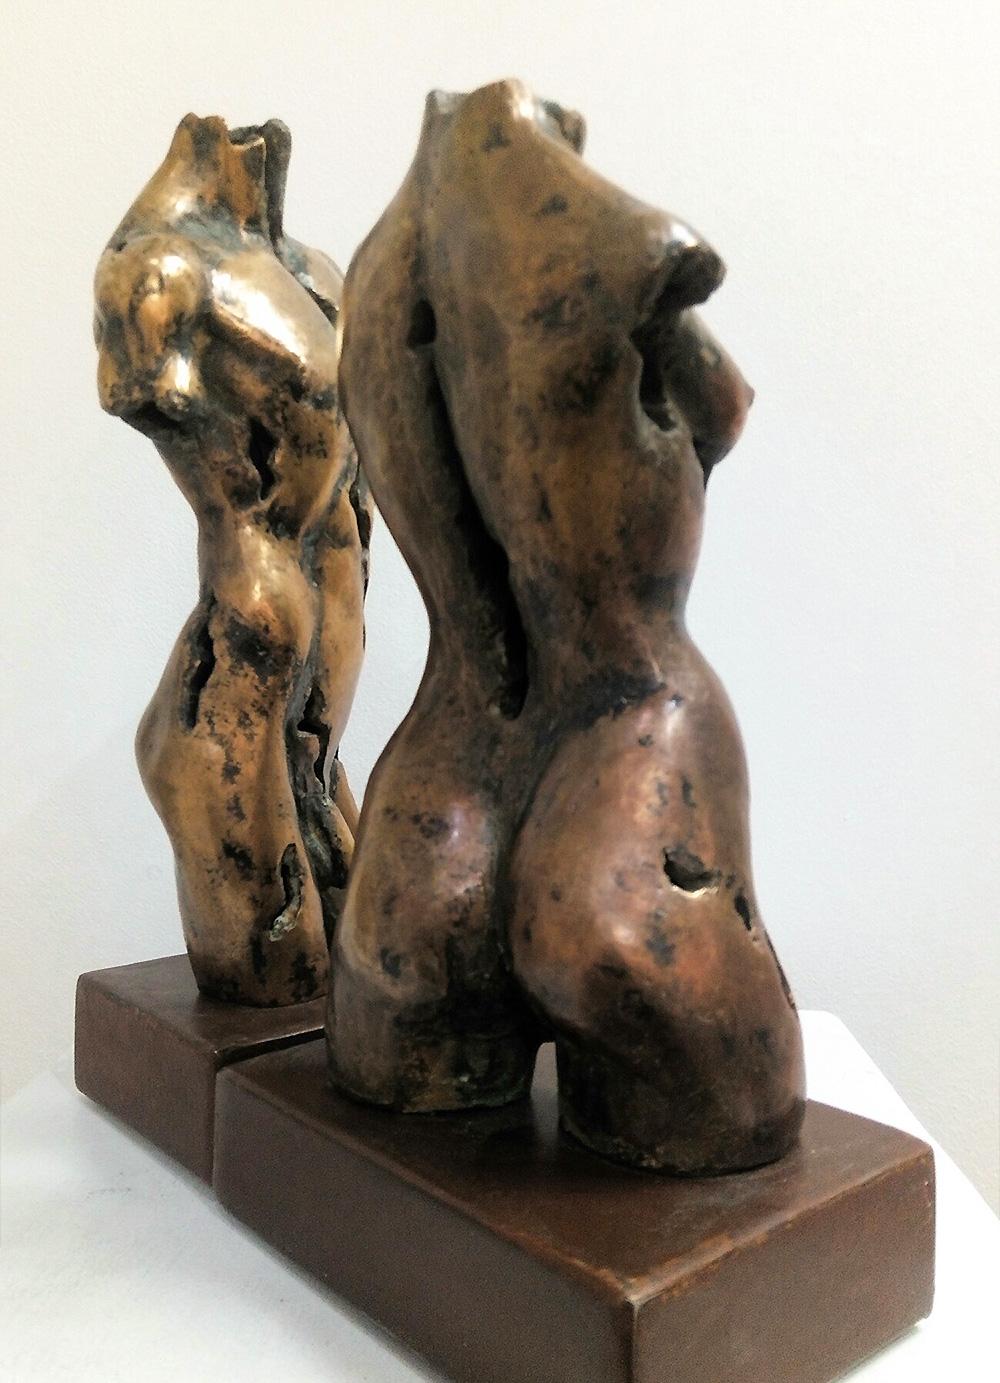 Esculturas-Bronce-Masculino-Femenino-B-C.Danone-RD.Escultor